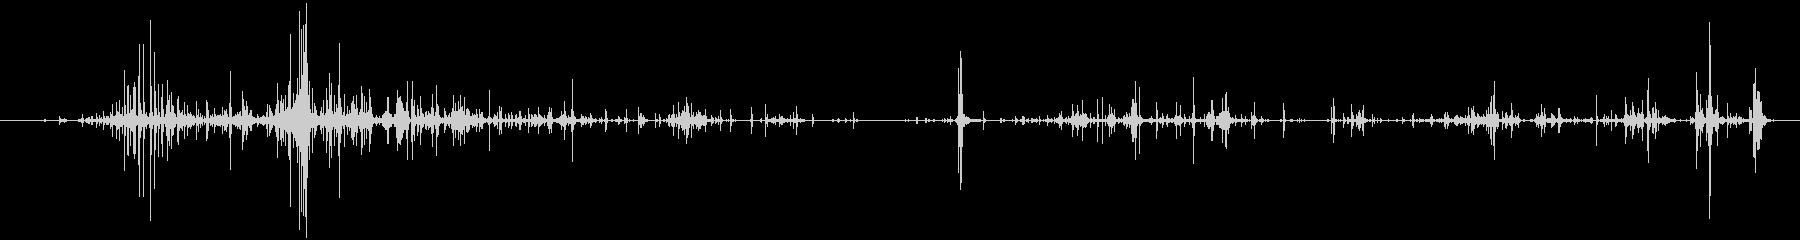 包装用テープ:しわ、テープ、テープ...の未再生の波形